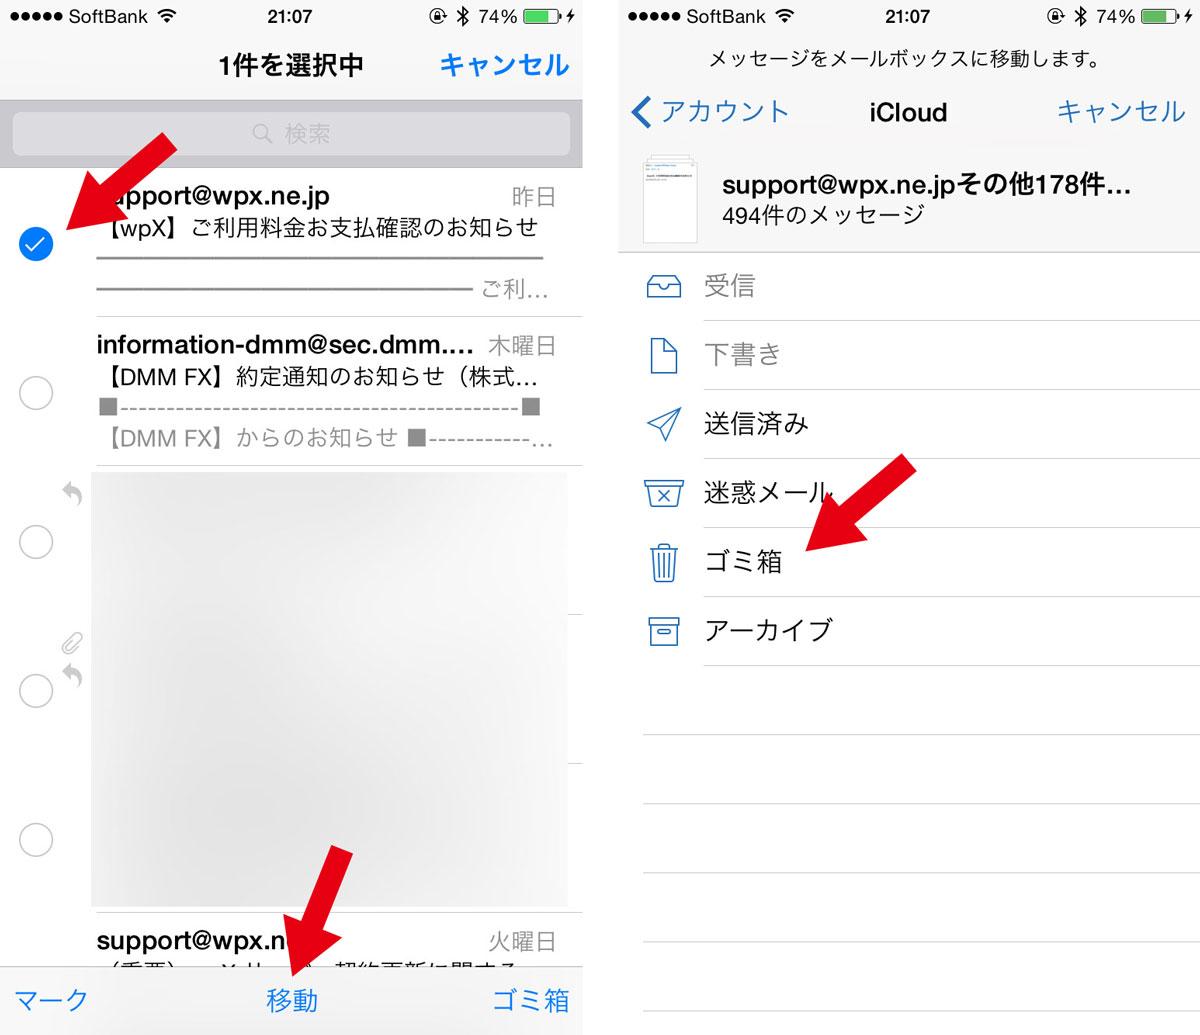 mail-icloud.jpg